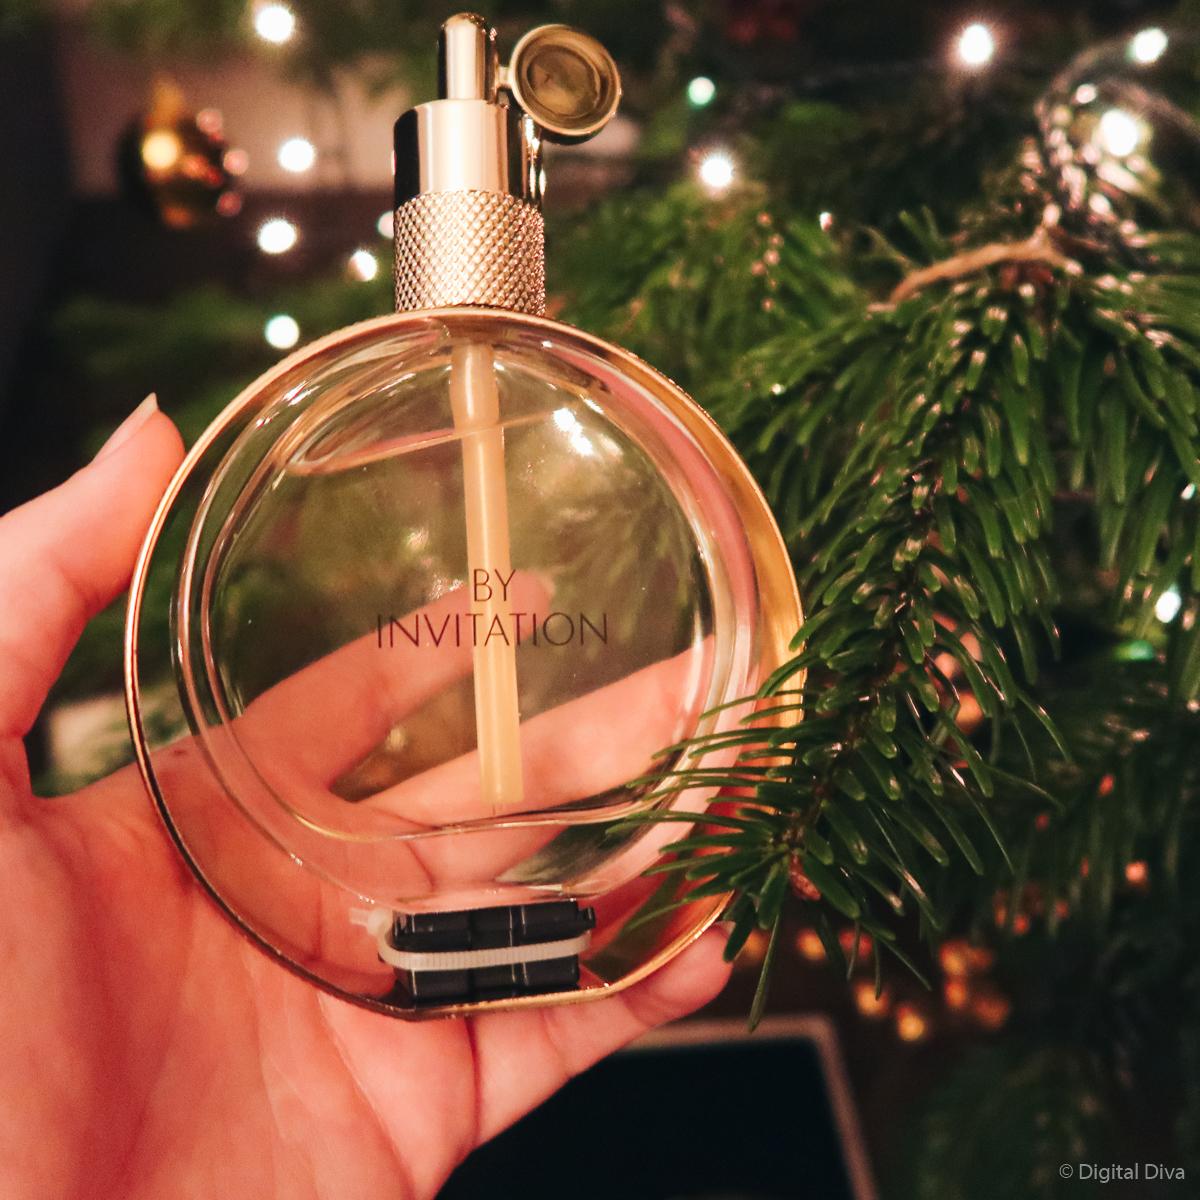 Michael Bublé Perfume